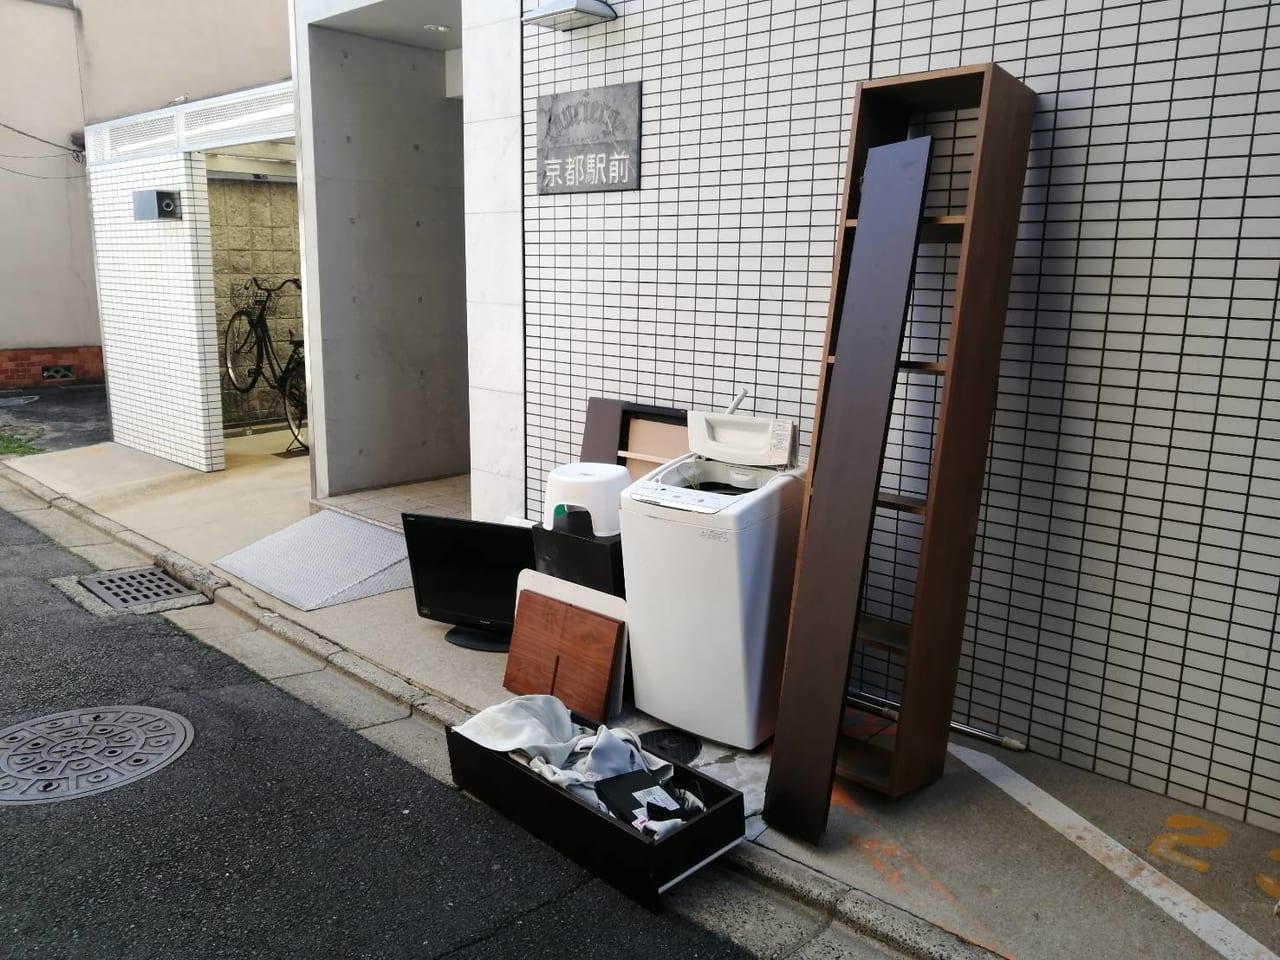 徳島県徳島市周辺のM様不用品回収前画像